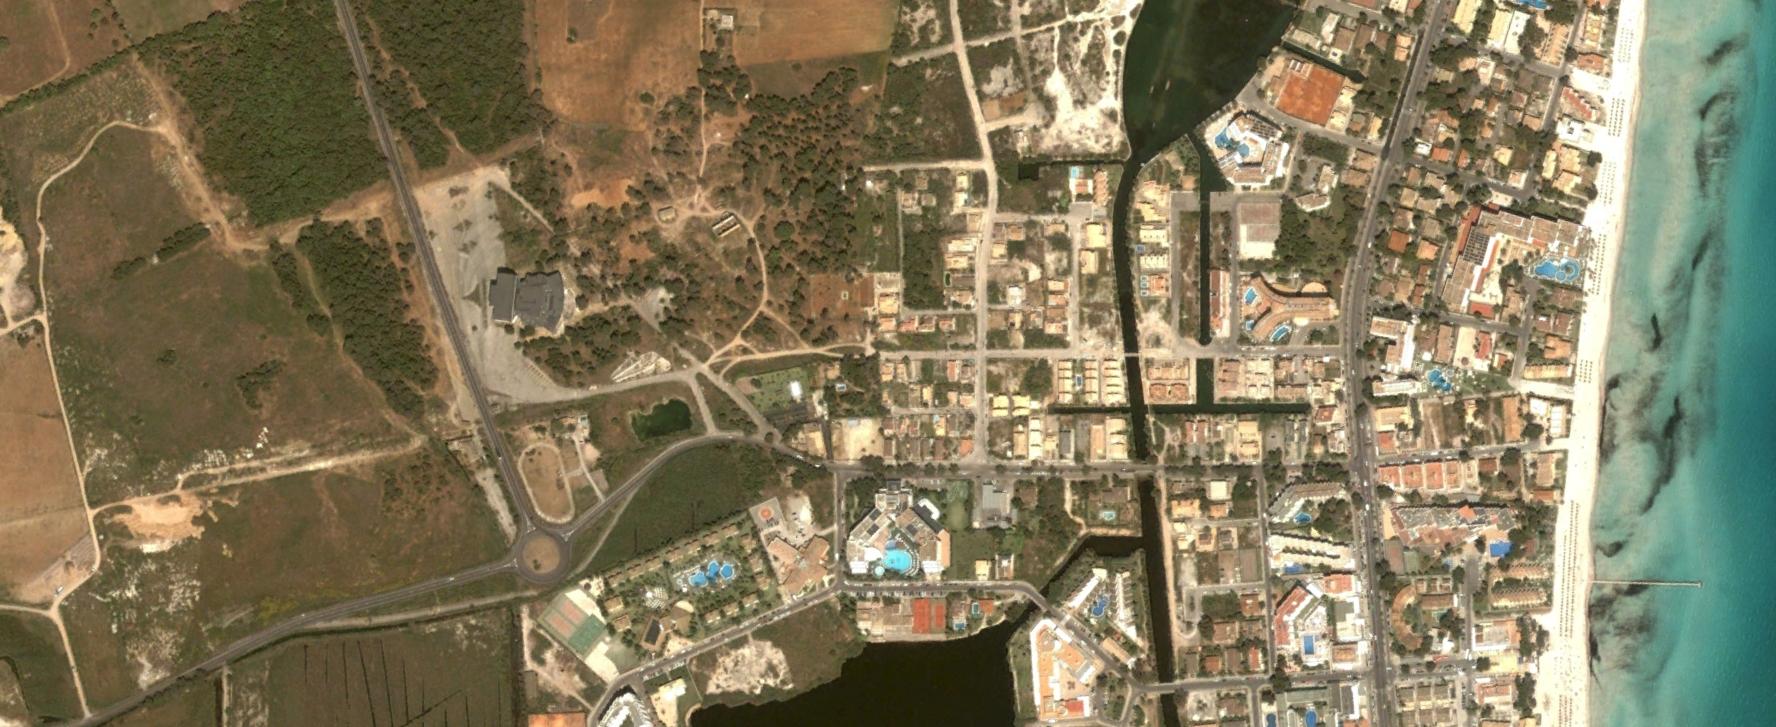 platja d'alcudia, mallorca, illes balears, un sitio malo para pasar una resaca, antes, urbanismo, planeamiento, urbano, desastre, urbanístico, construcción